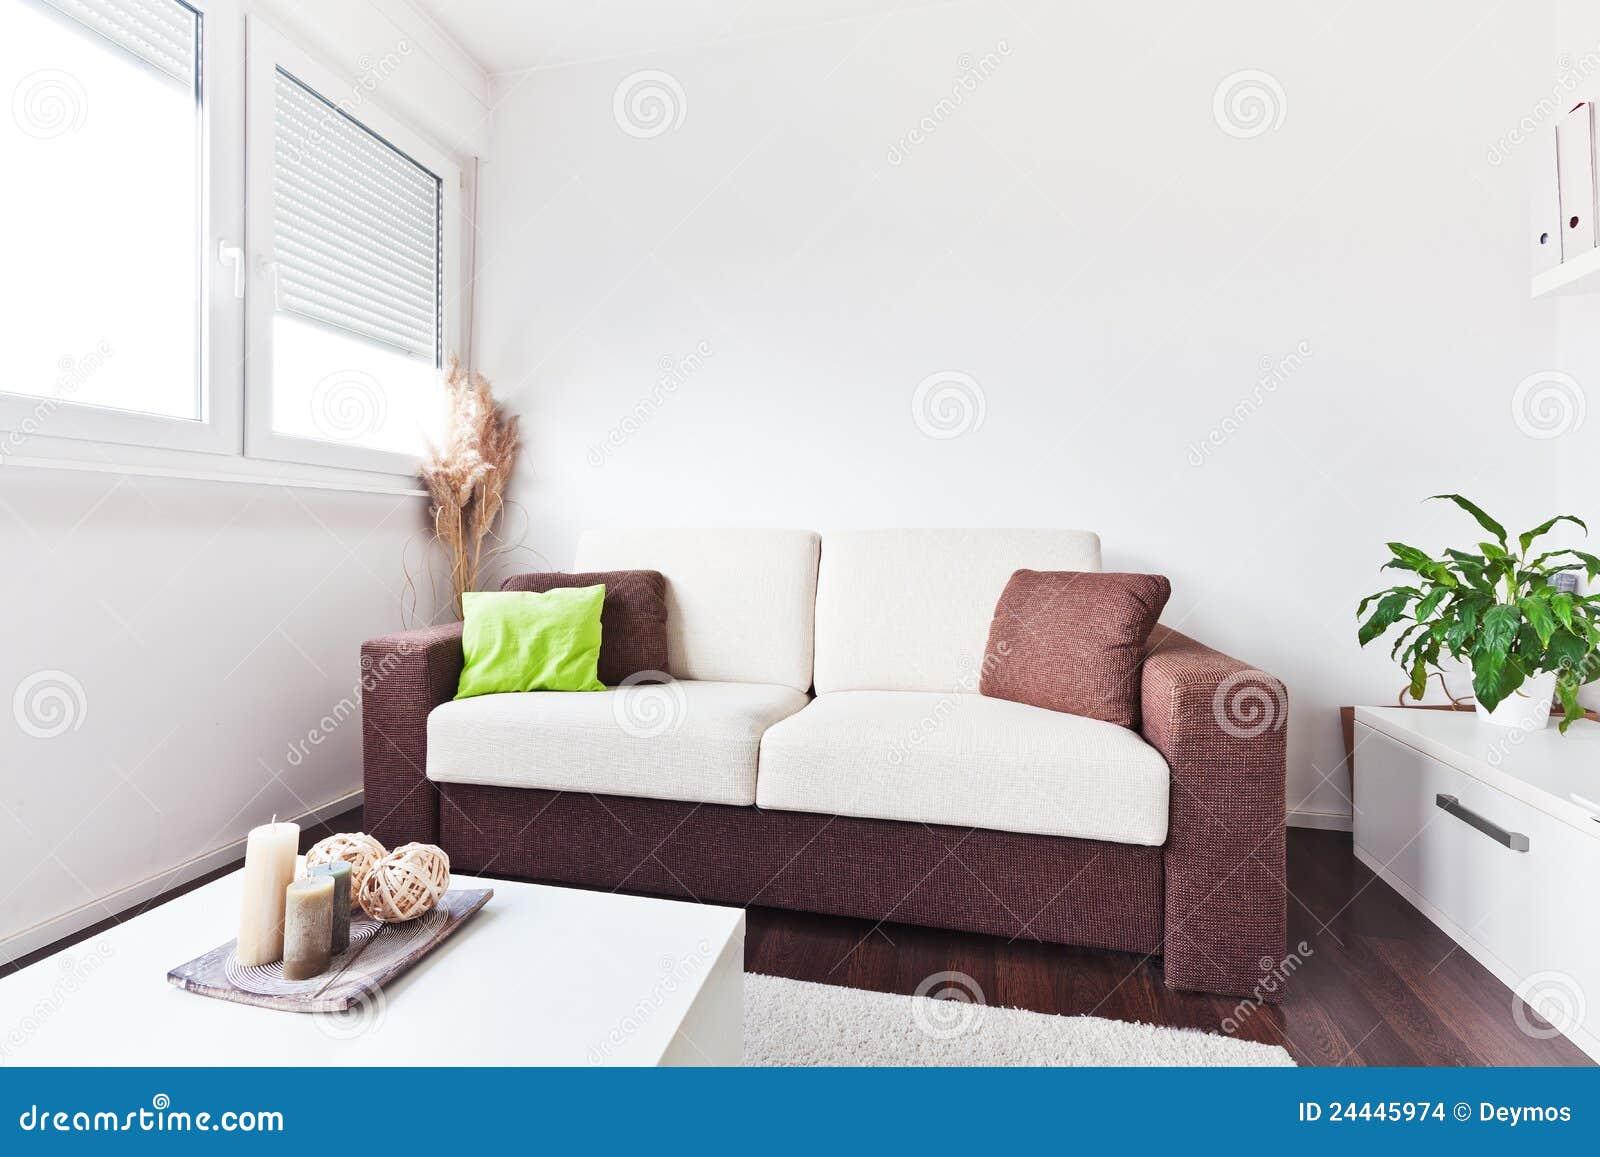 Weißes Und Braunes Gewebesofa Im Wohnzimmer Stockbilder - Bild ...